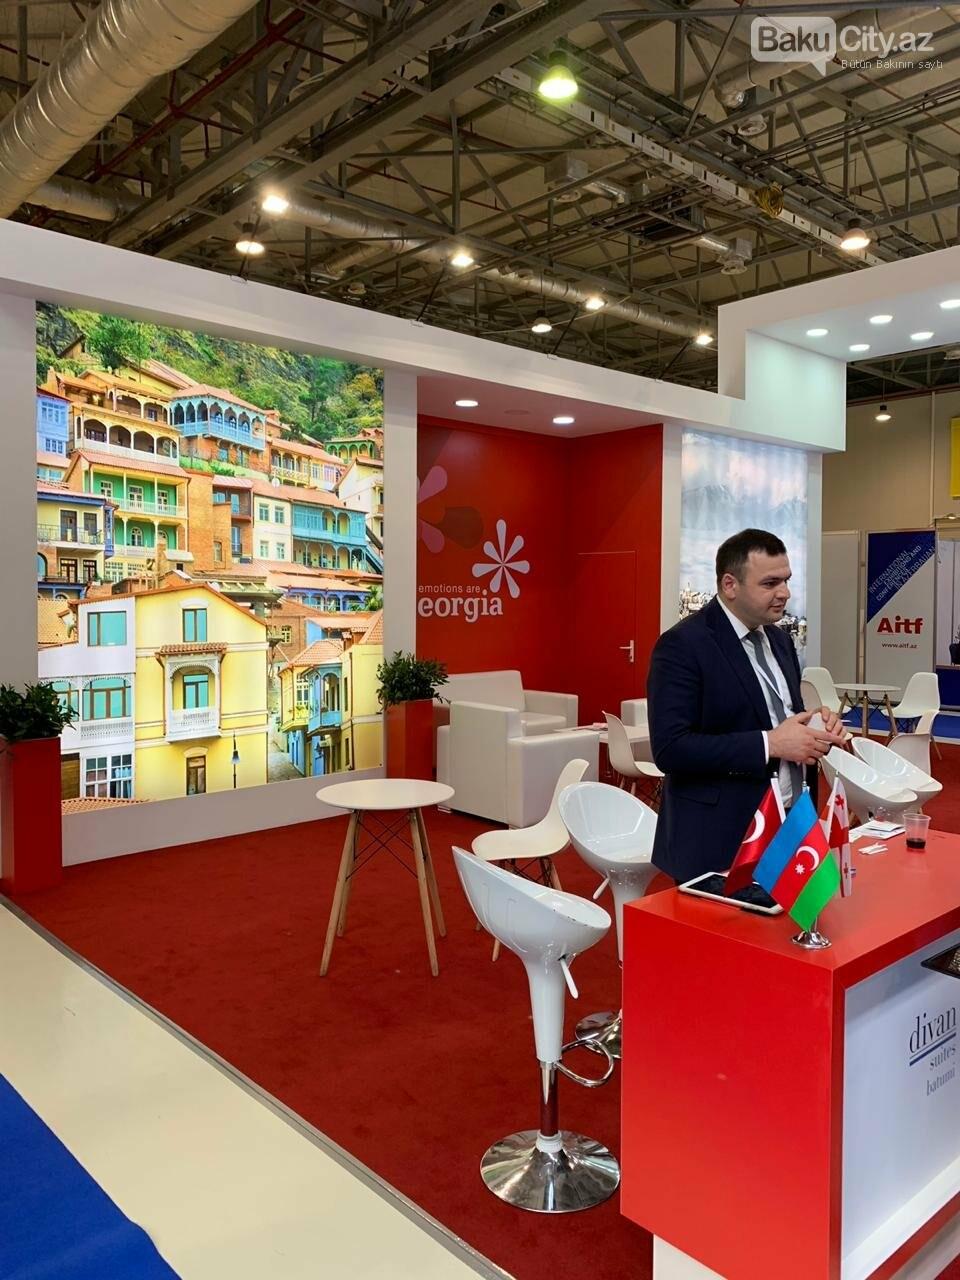 Bakıda keçirilən AITF 2019 davam edir - FOTO, fotoşəkil-8